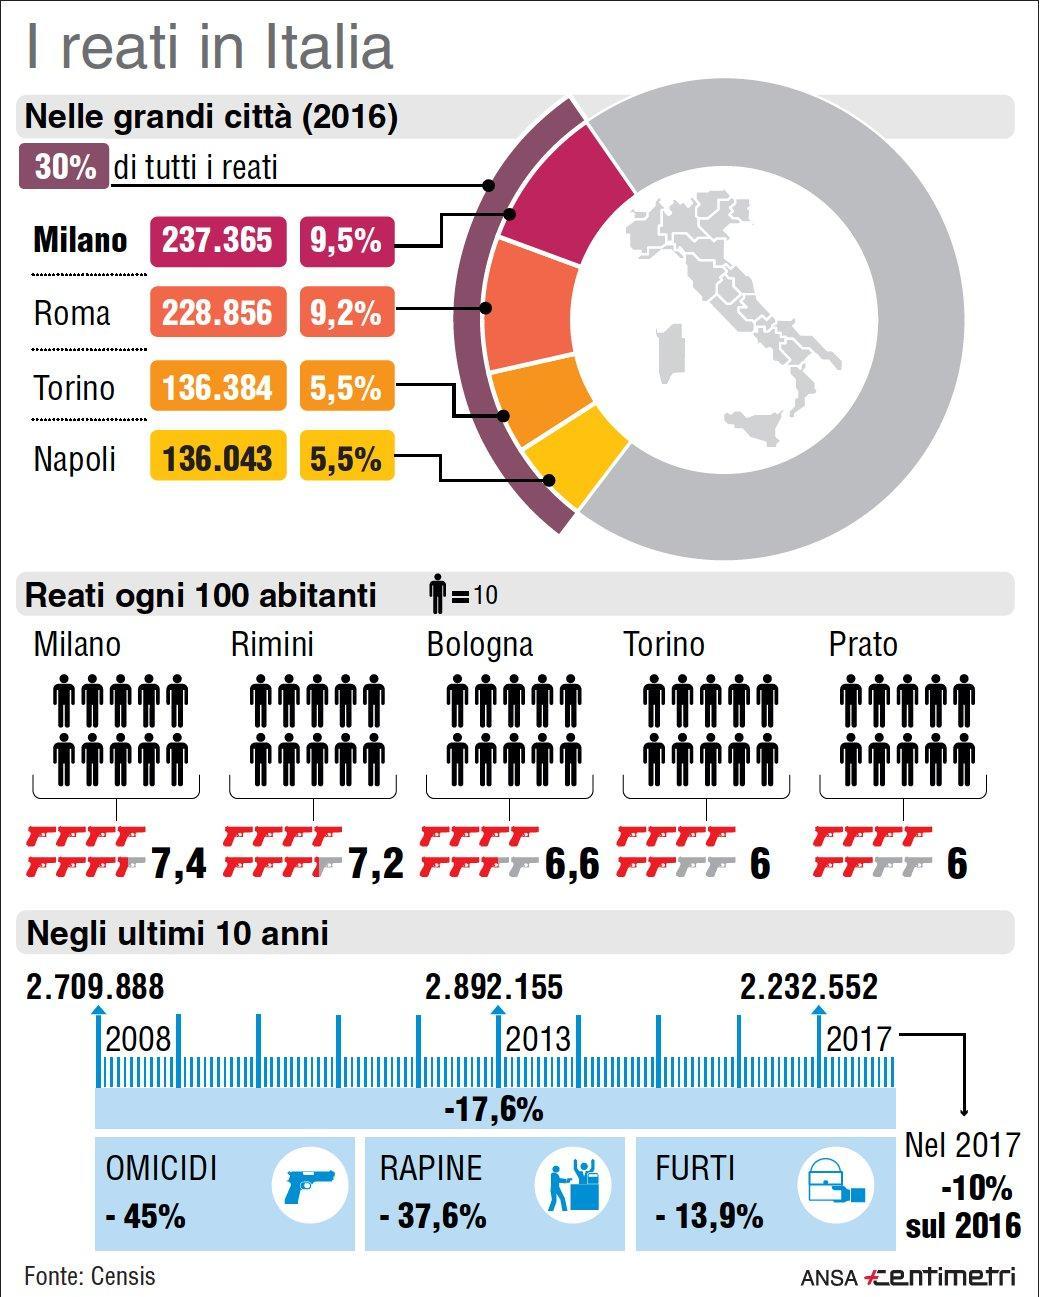 Reati in Italia: i dati Censis sulla criminalità